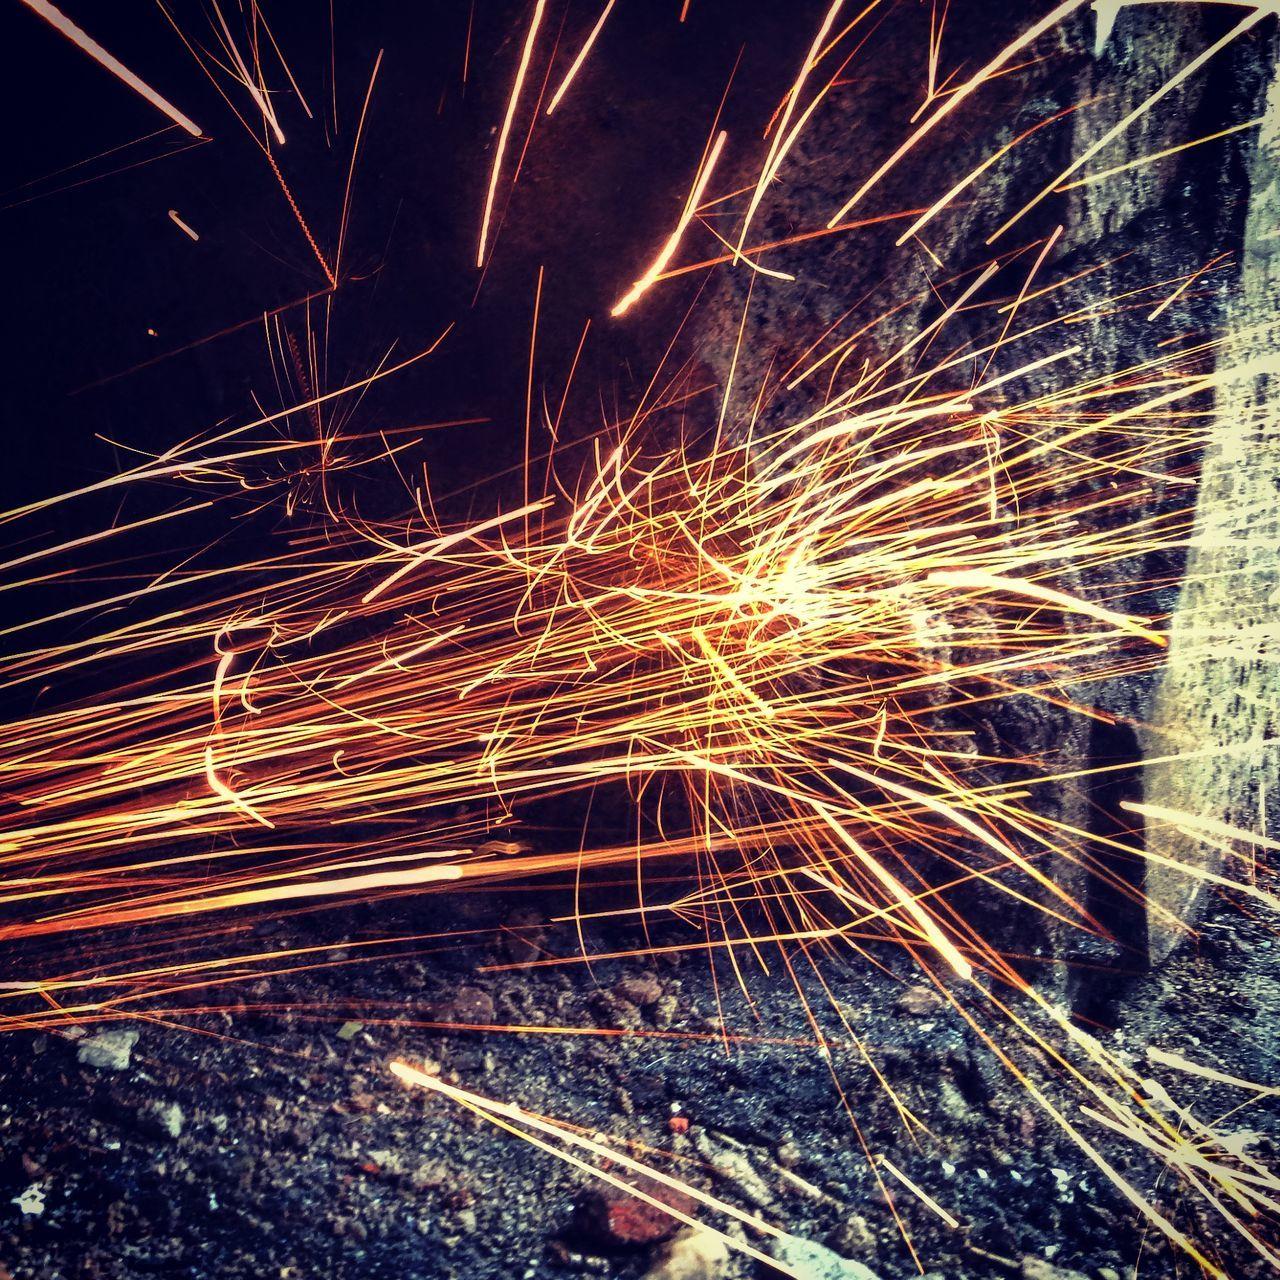 Sparks Sparks Fly